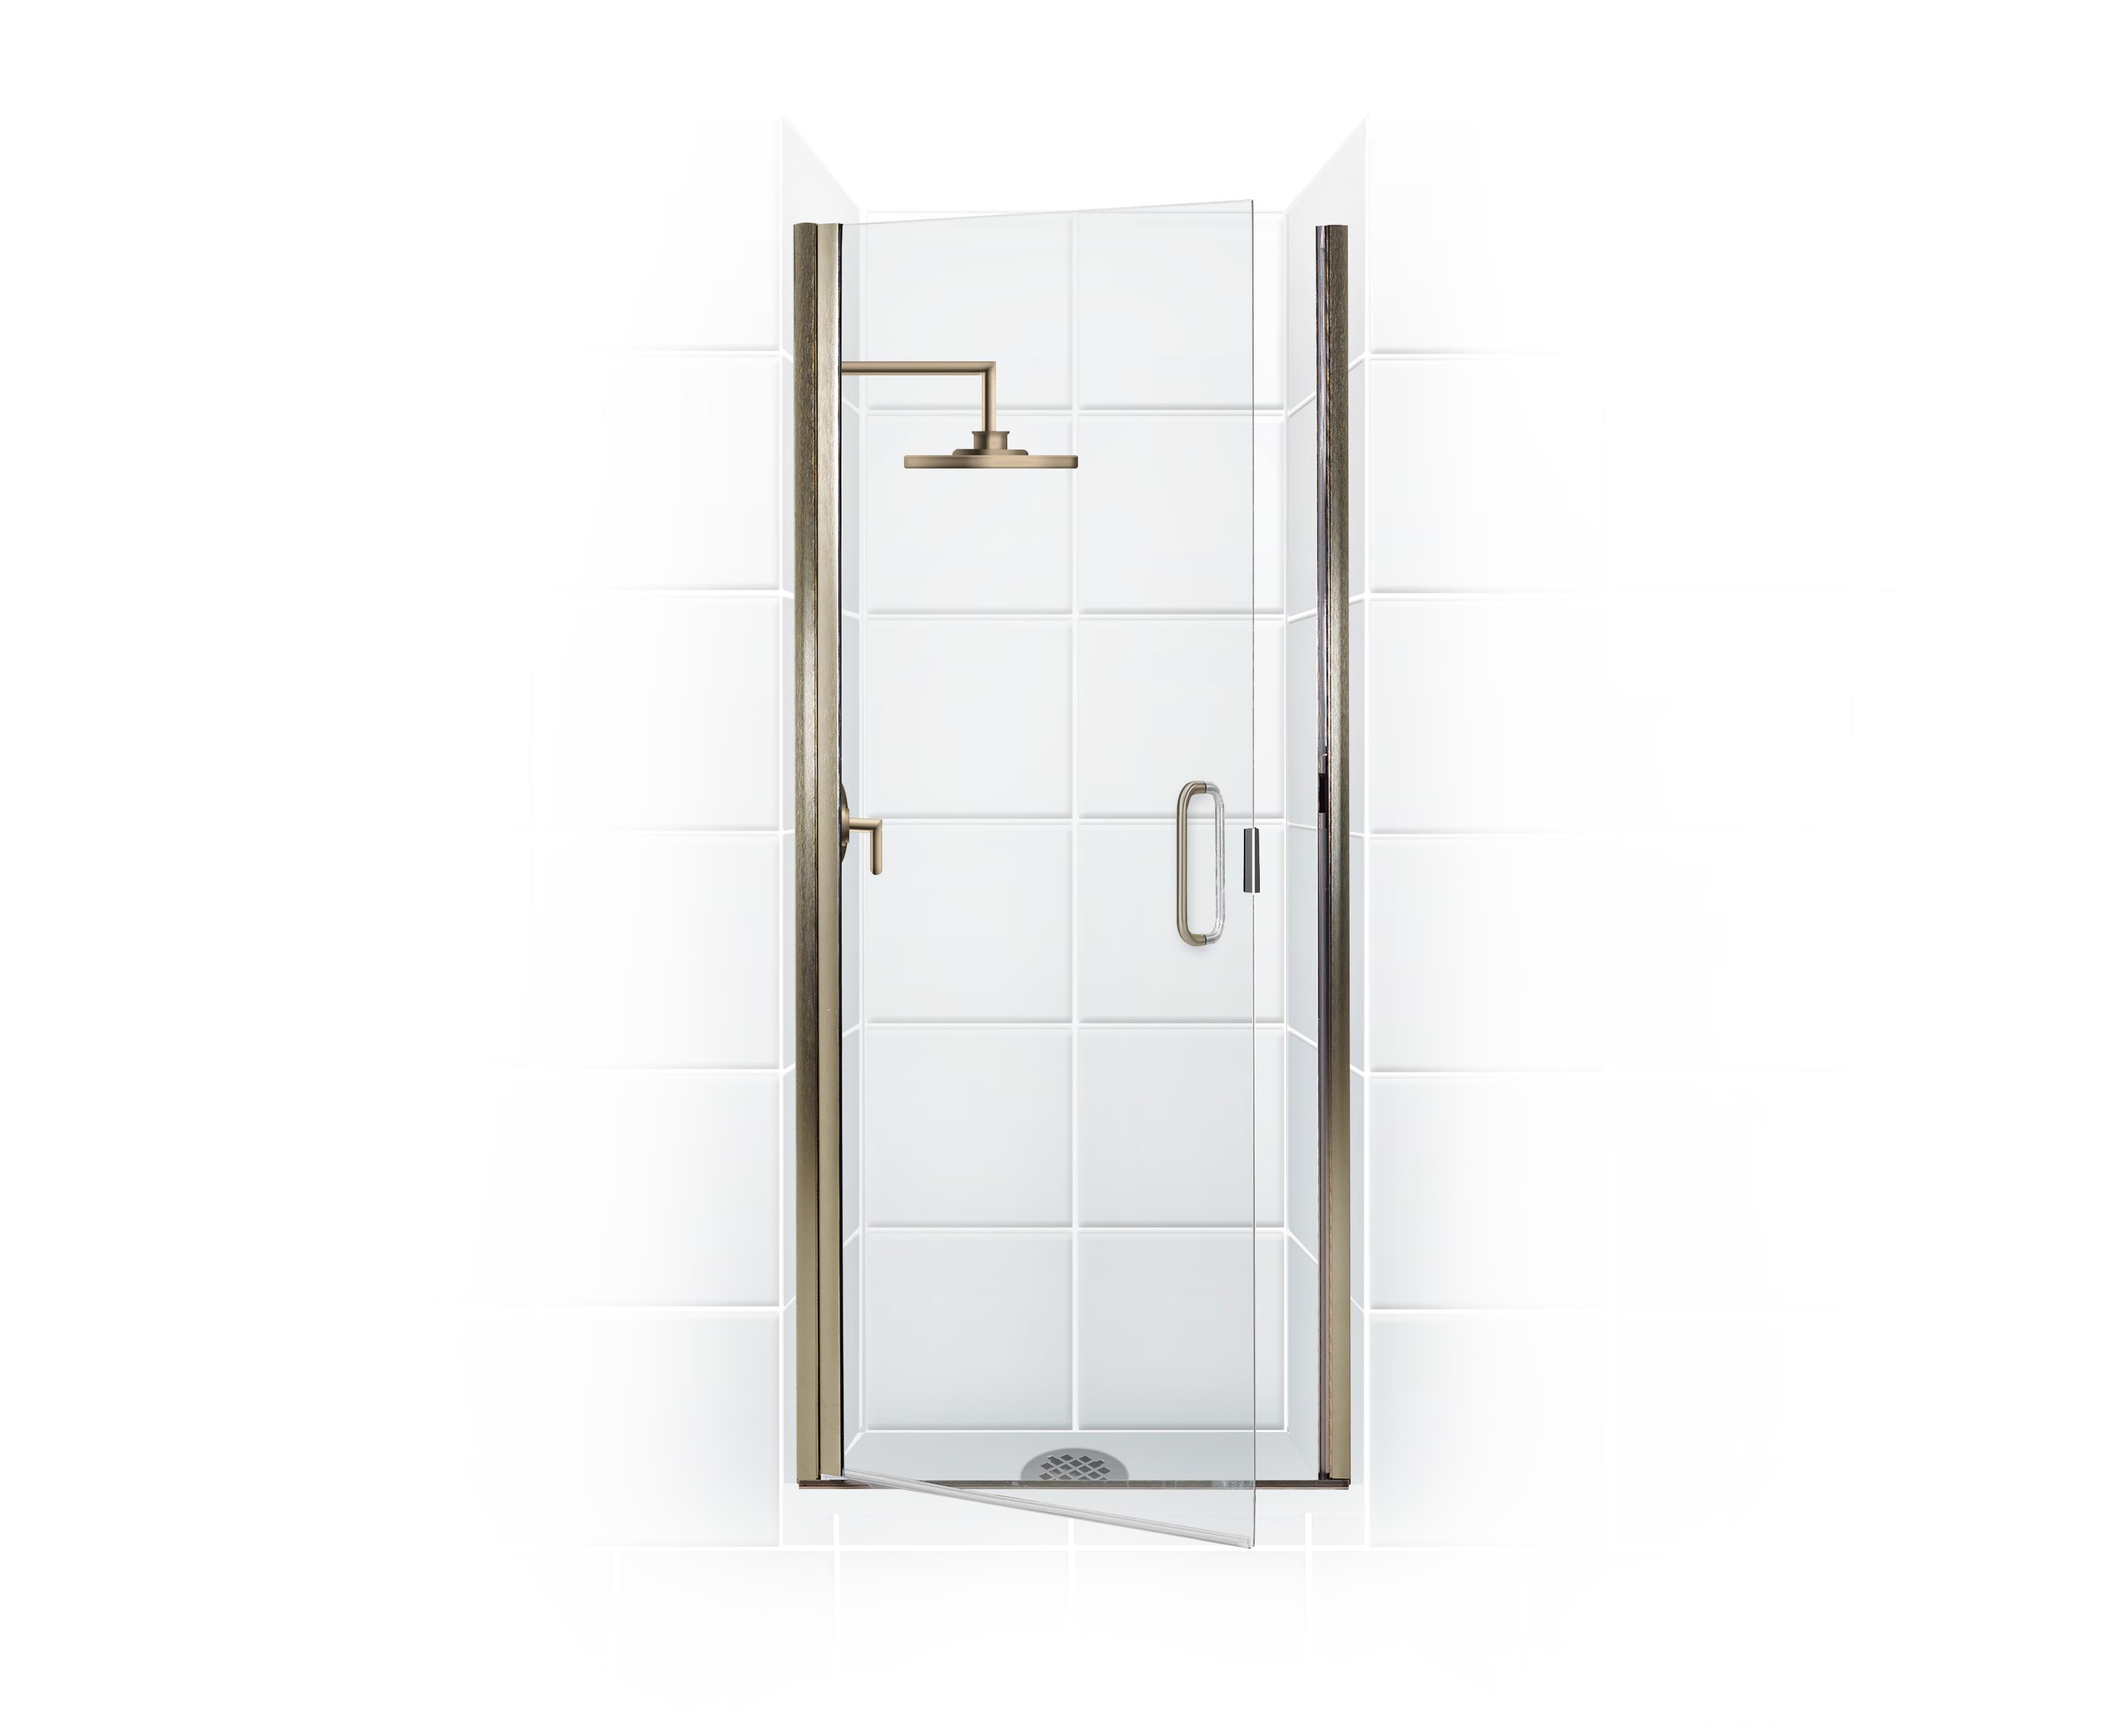 Coastal Shower Doors Pcqfr34 66 C